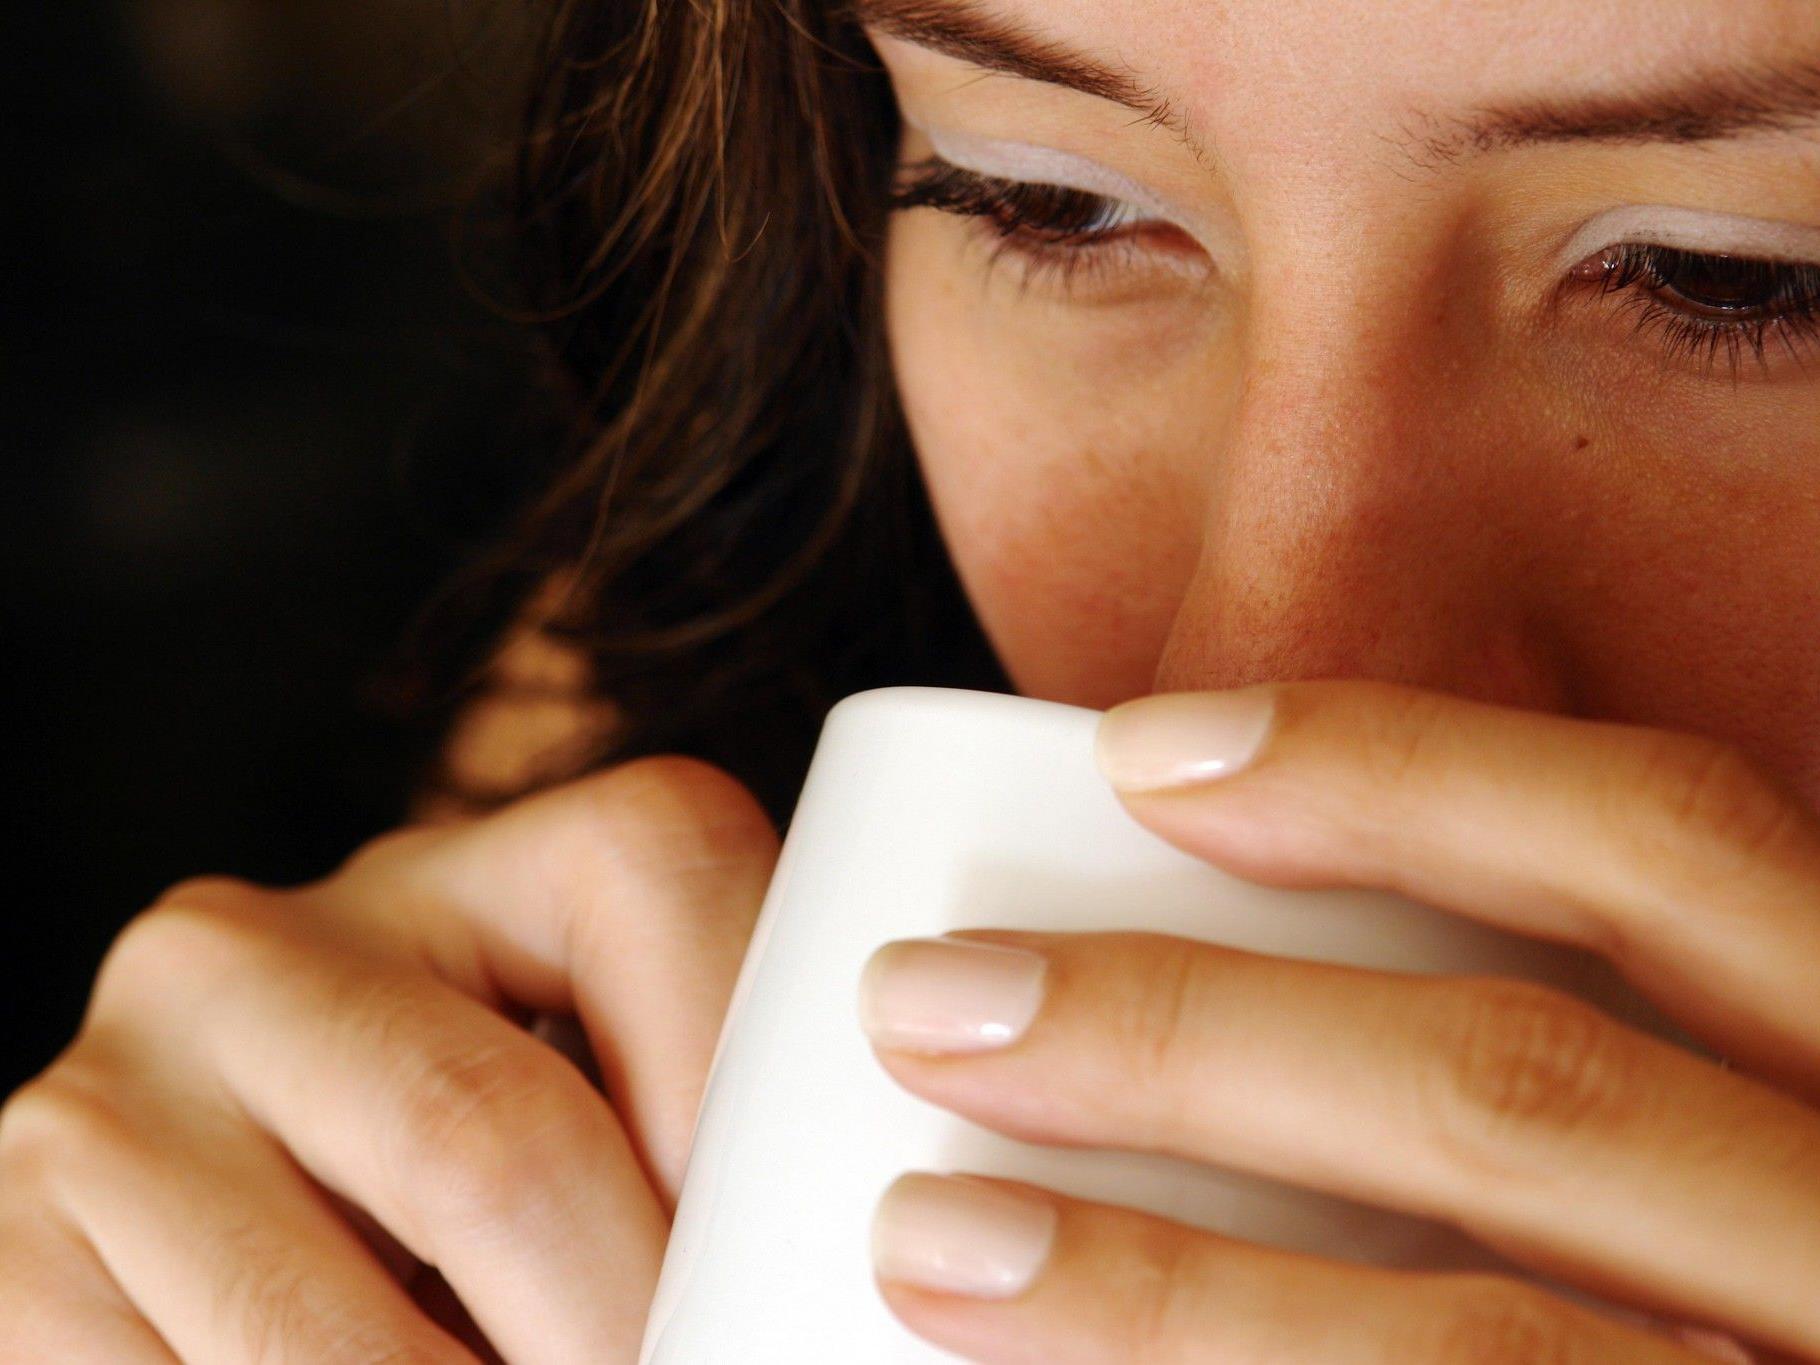 Einer Studie zufolge fallen positive Wörter schneller auf, wenn der Leser Kaffee getrunken hat.